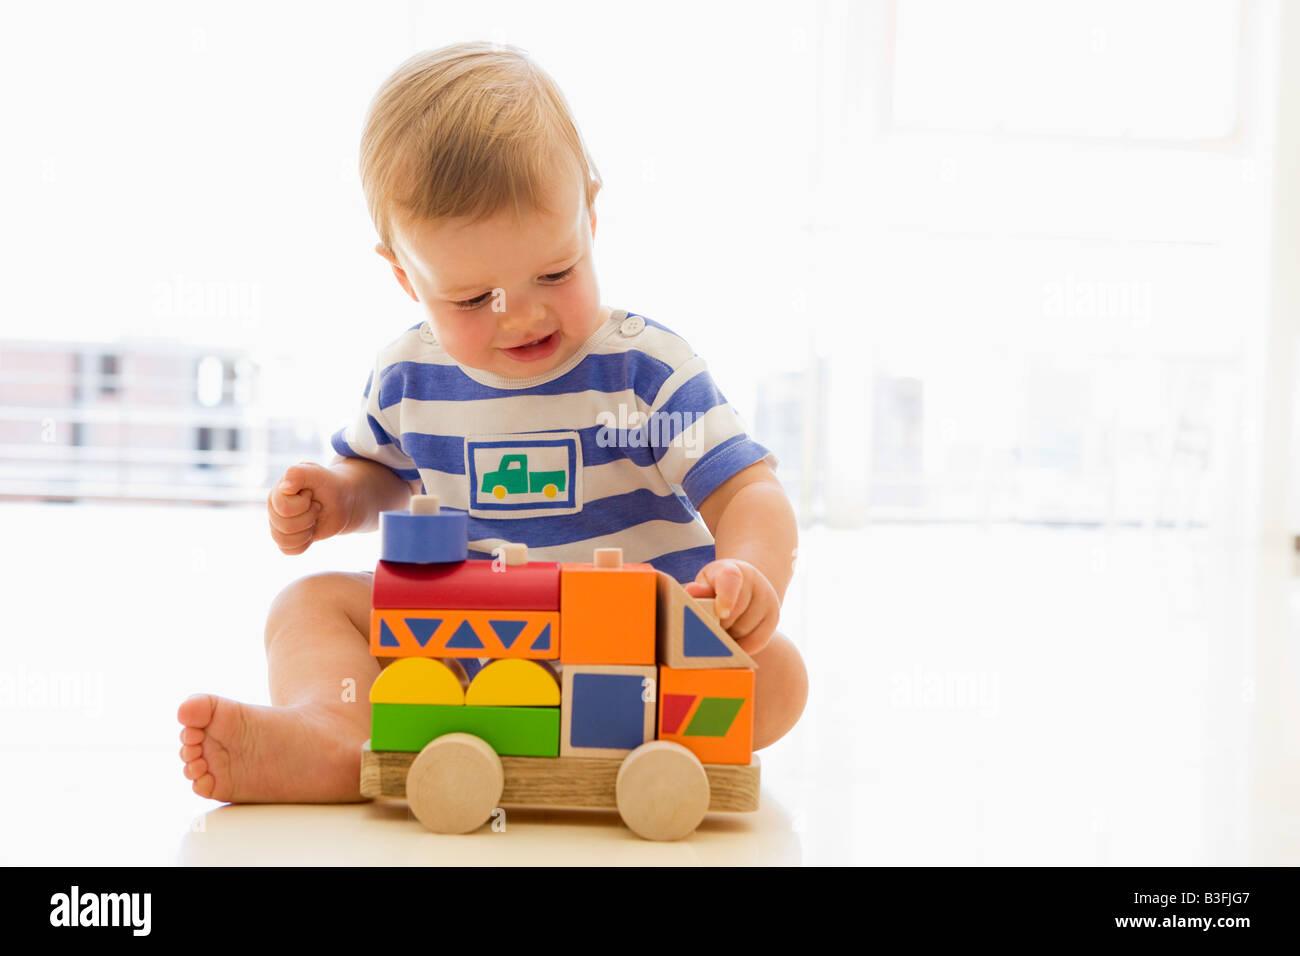 Baby indoor giocando con un carrello Immagini Stock